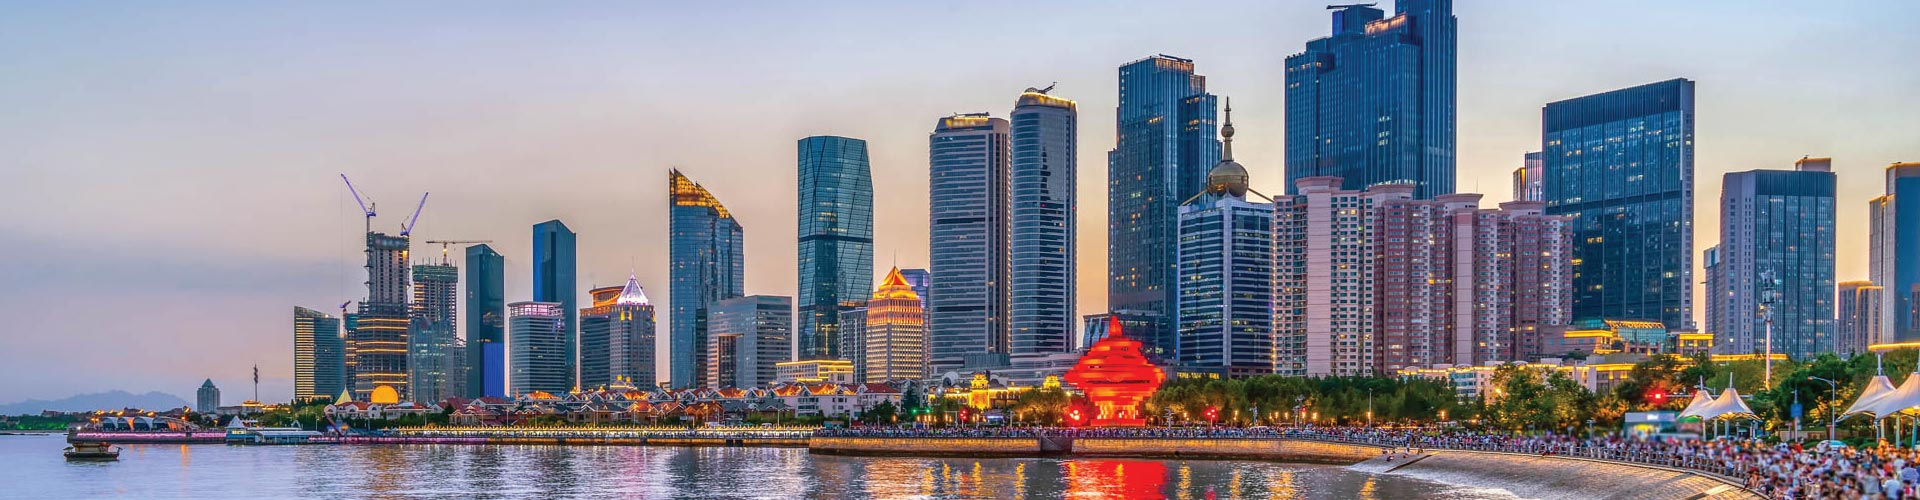 Shandong, Qingdao, Jinan